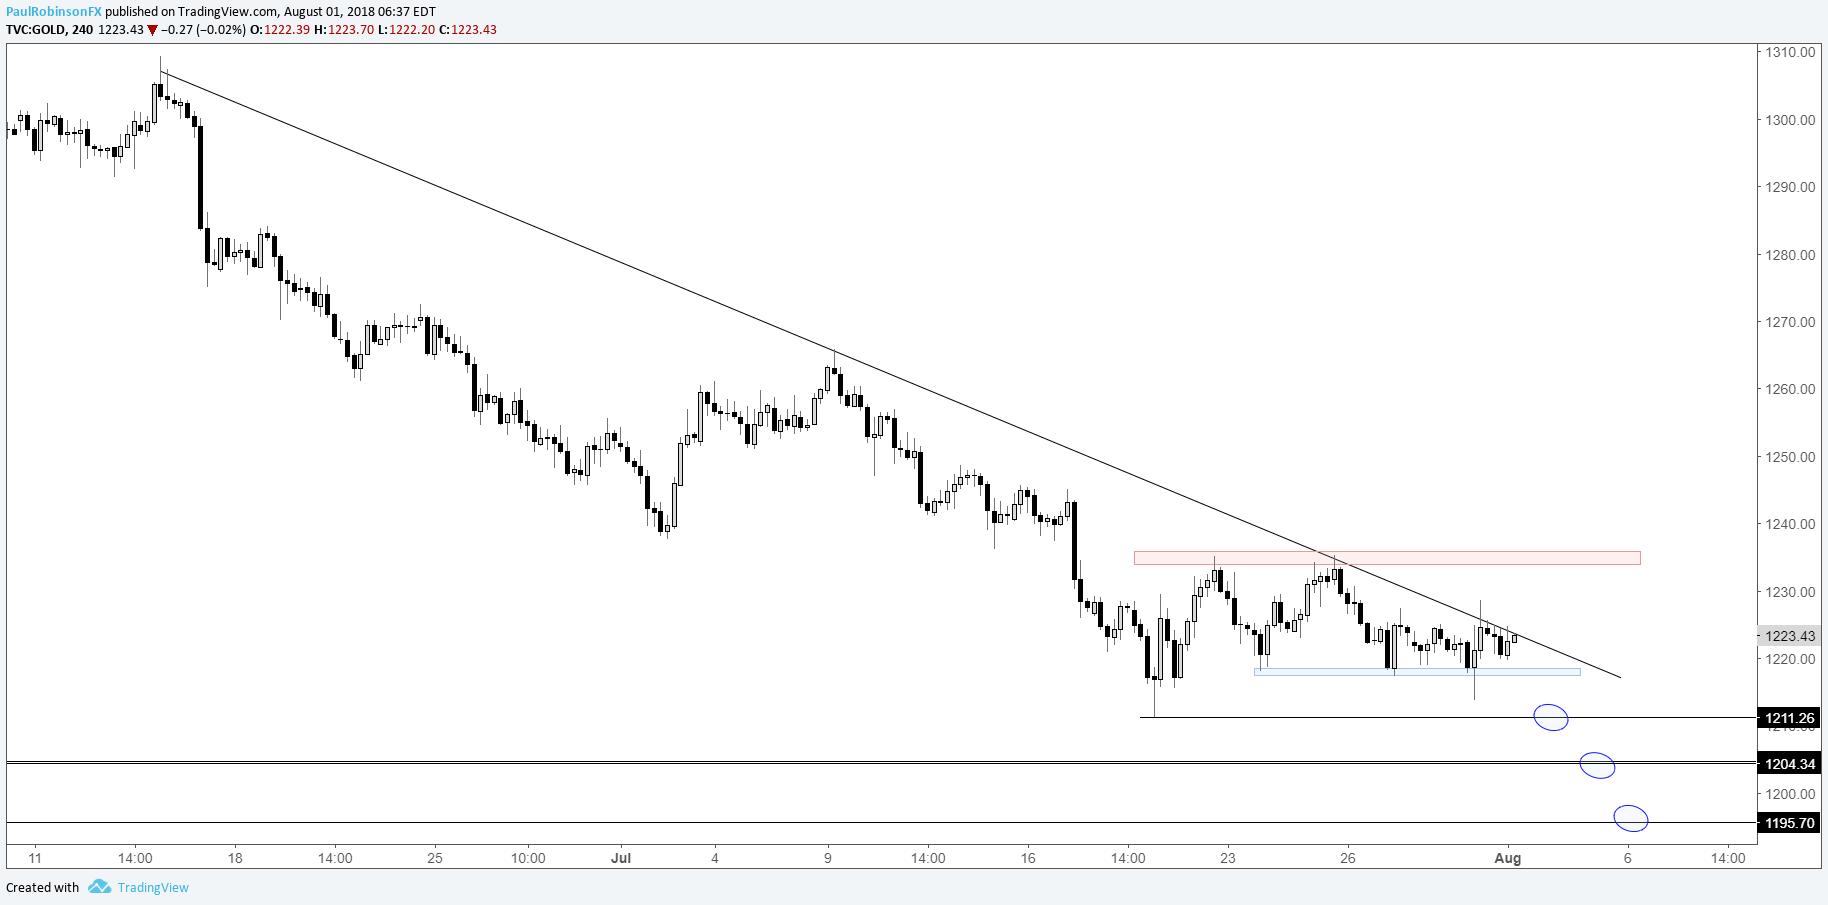 美元指数、英镑/美元、黄金走势分析